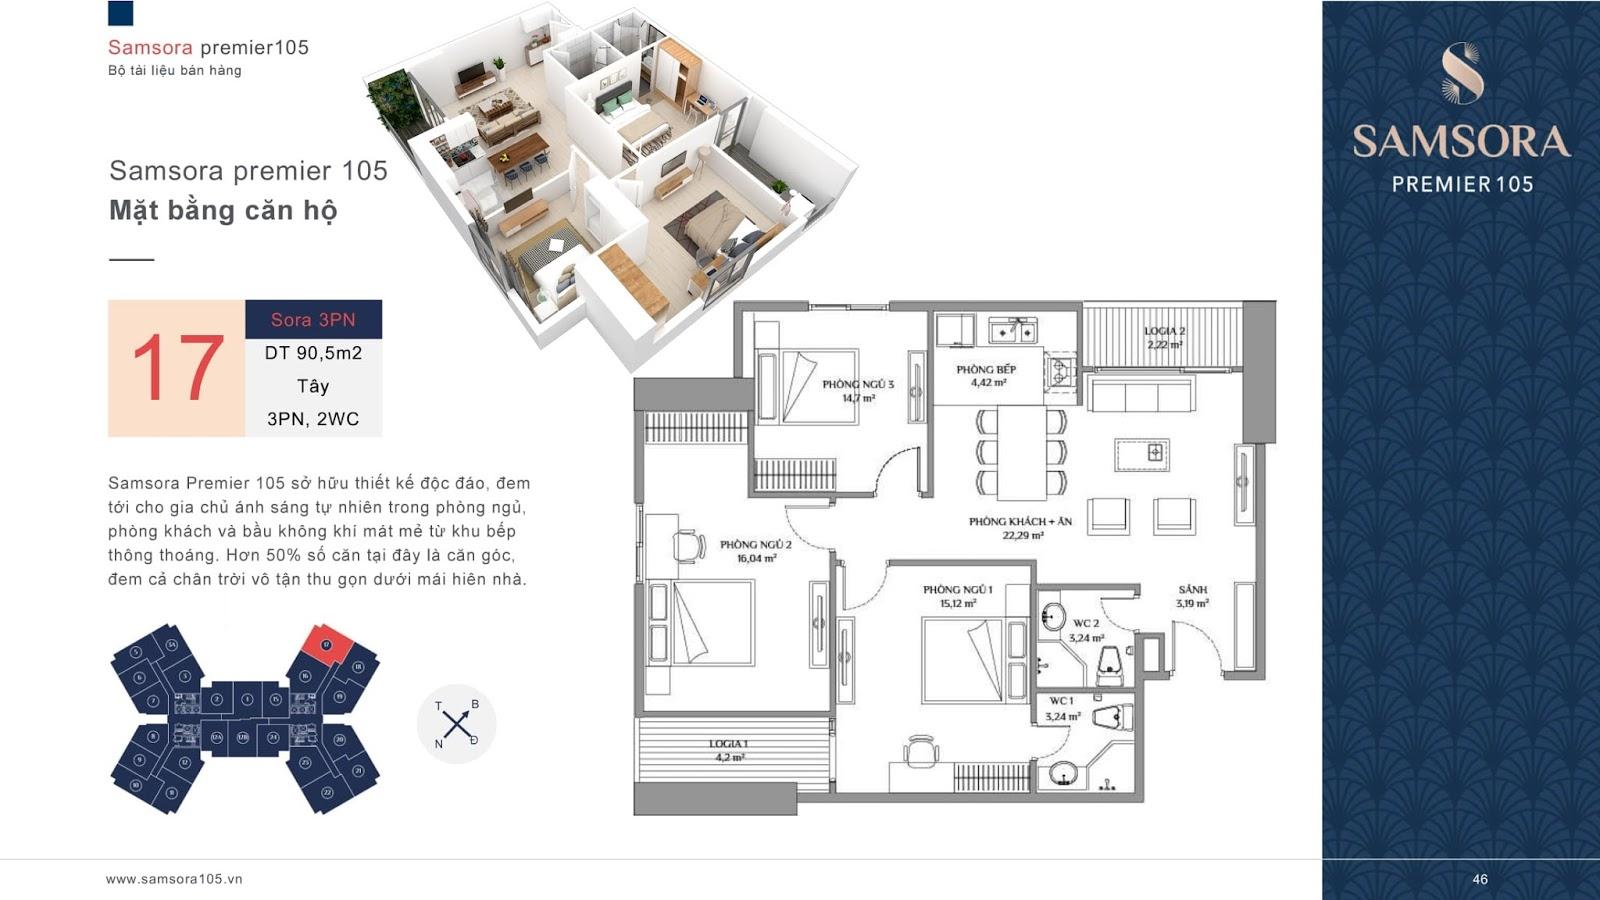 Mặt bằng căn hộ số 17 chung cư Samsora Premier